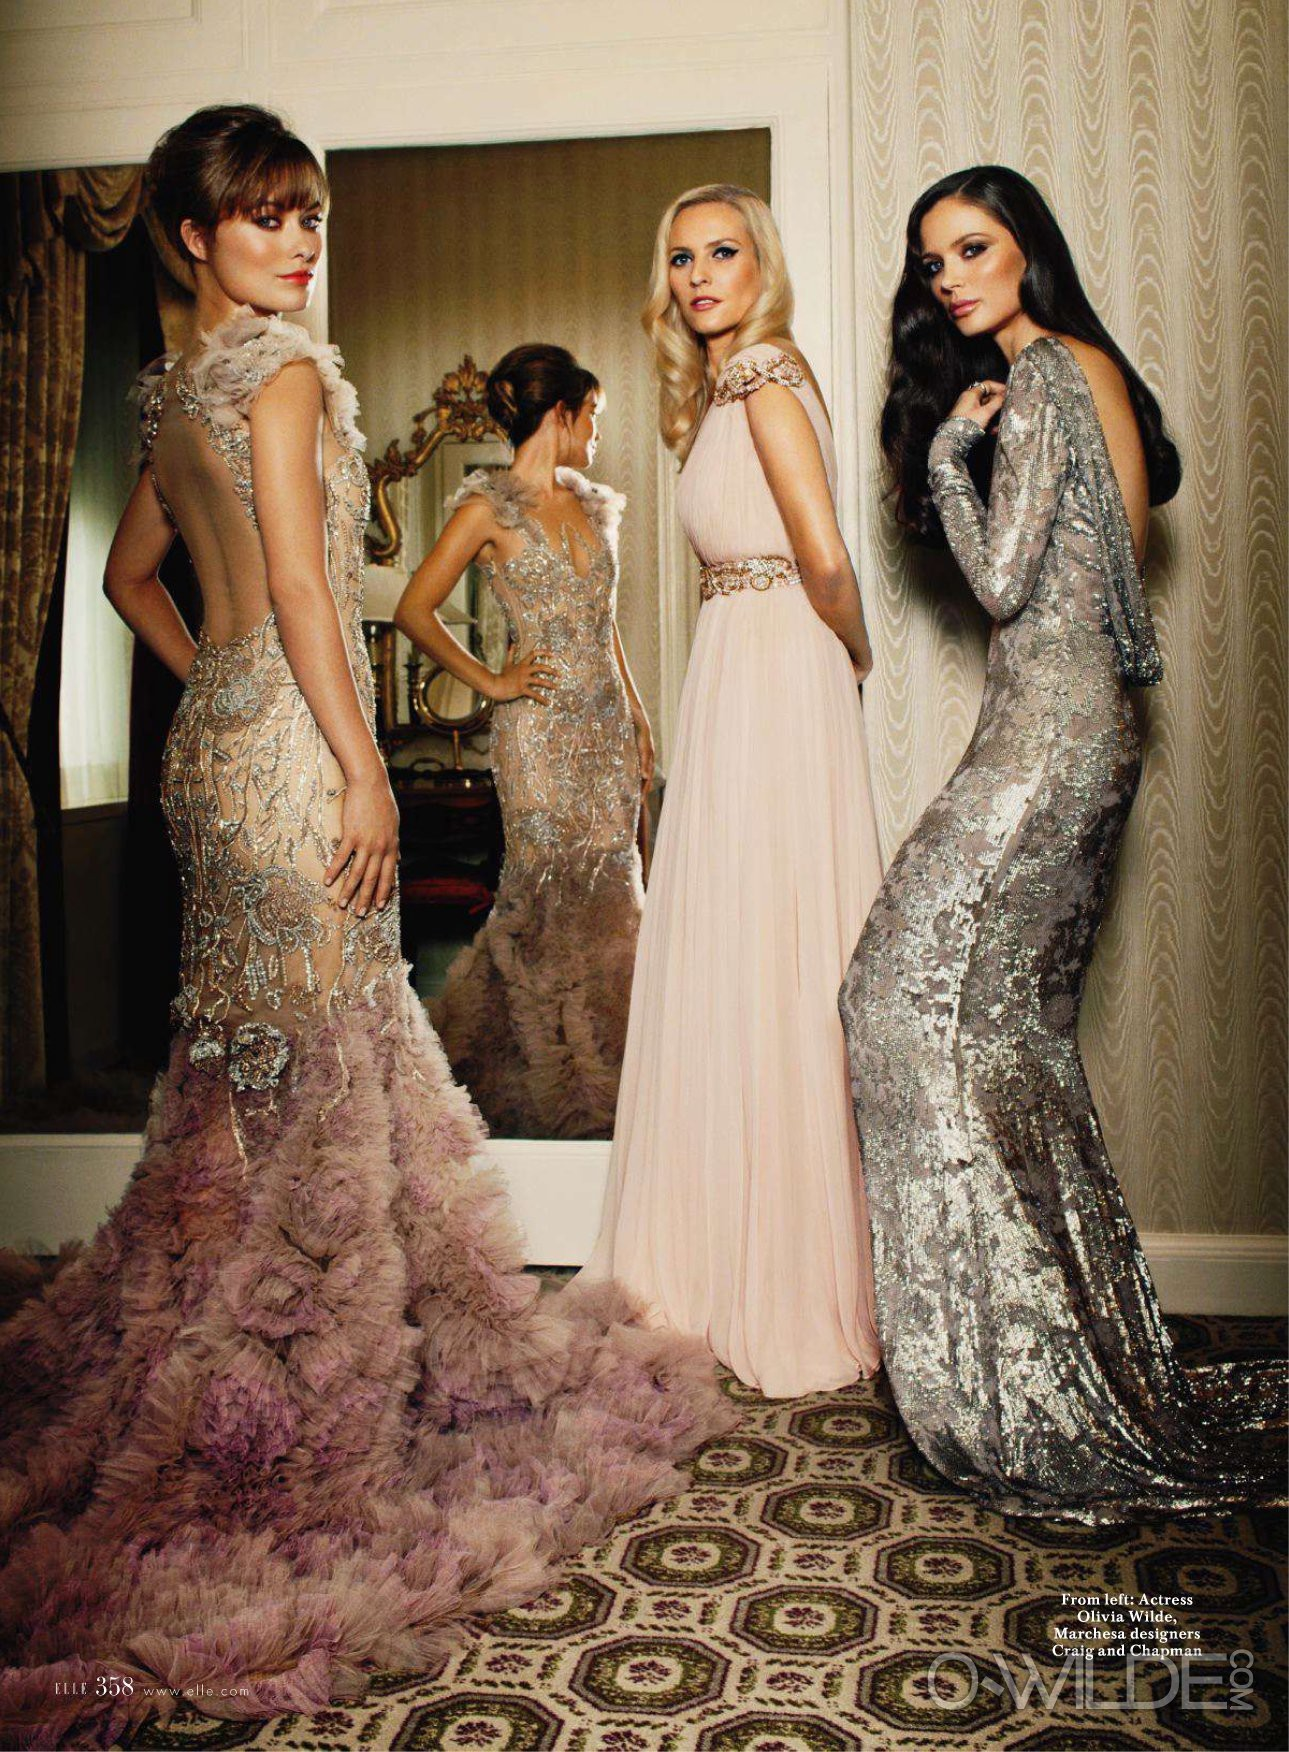 Elle Magazine [November 2011]